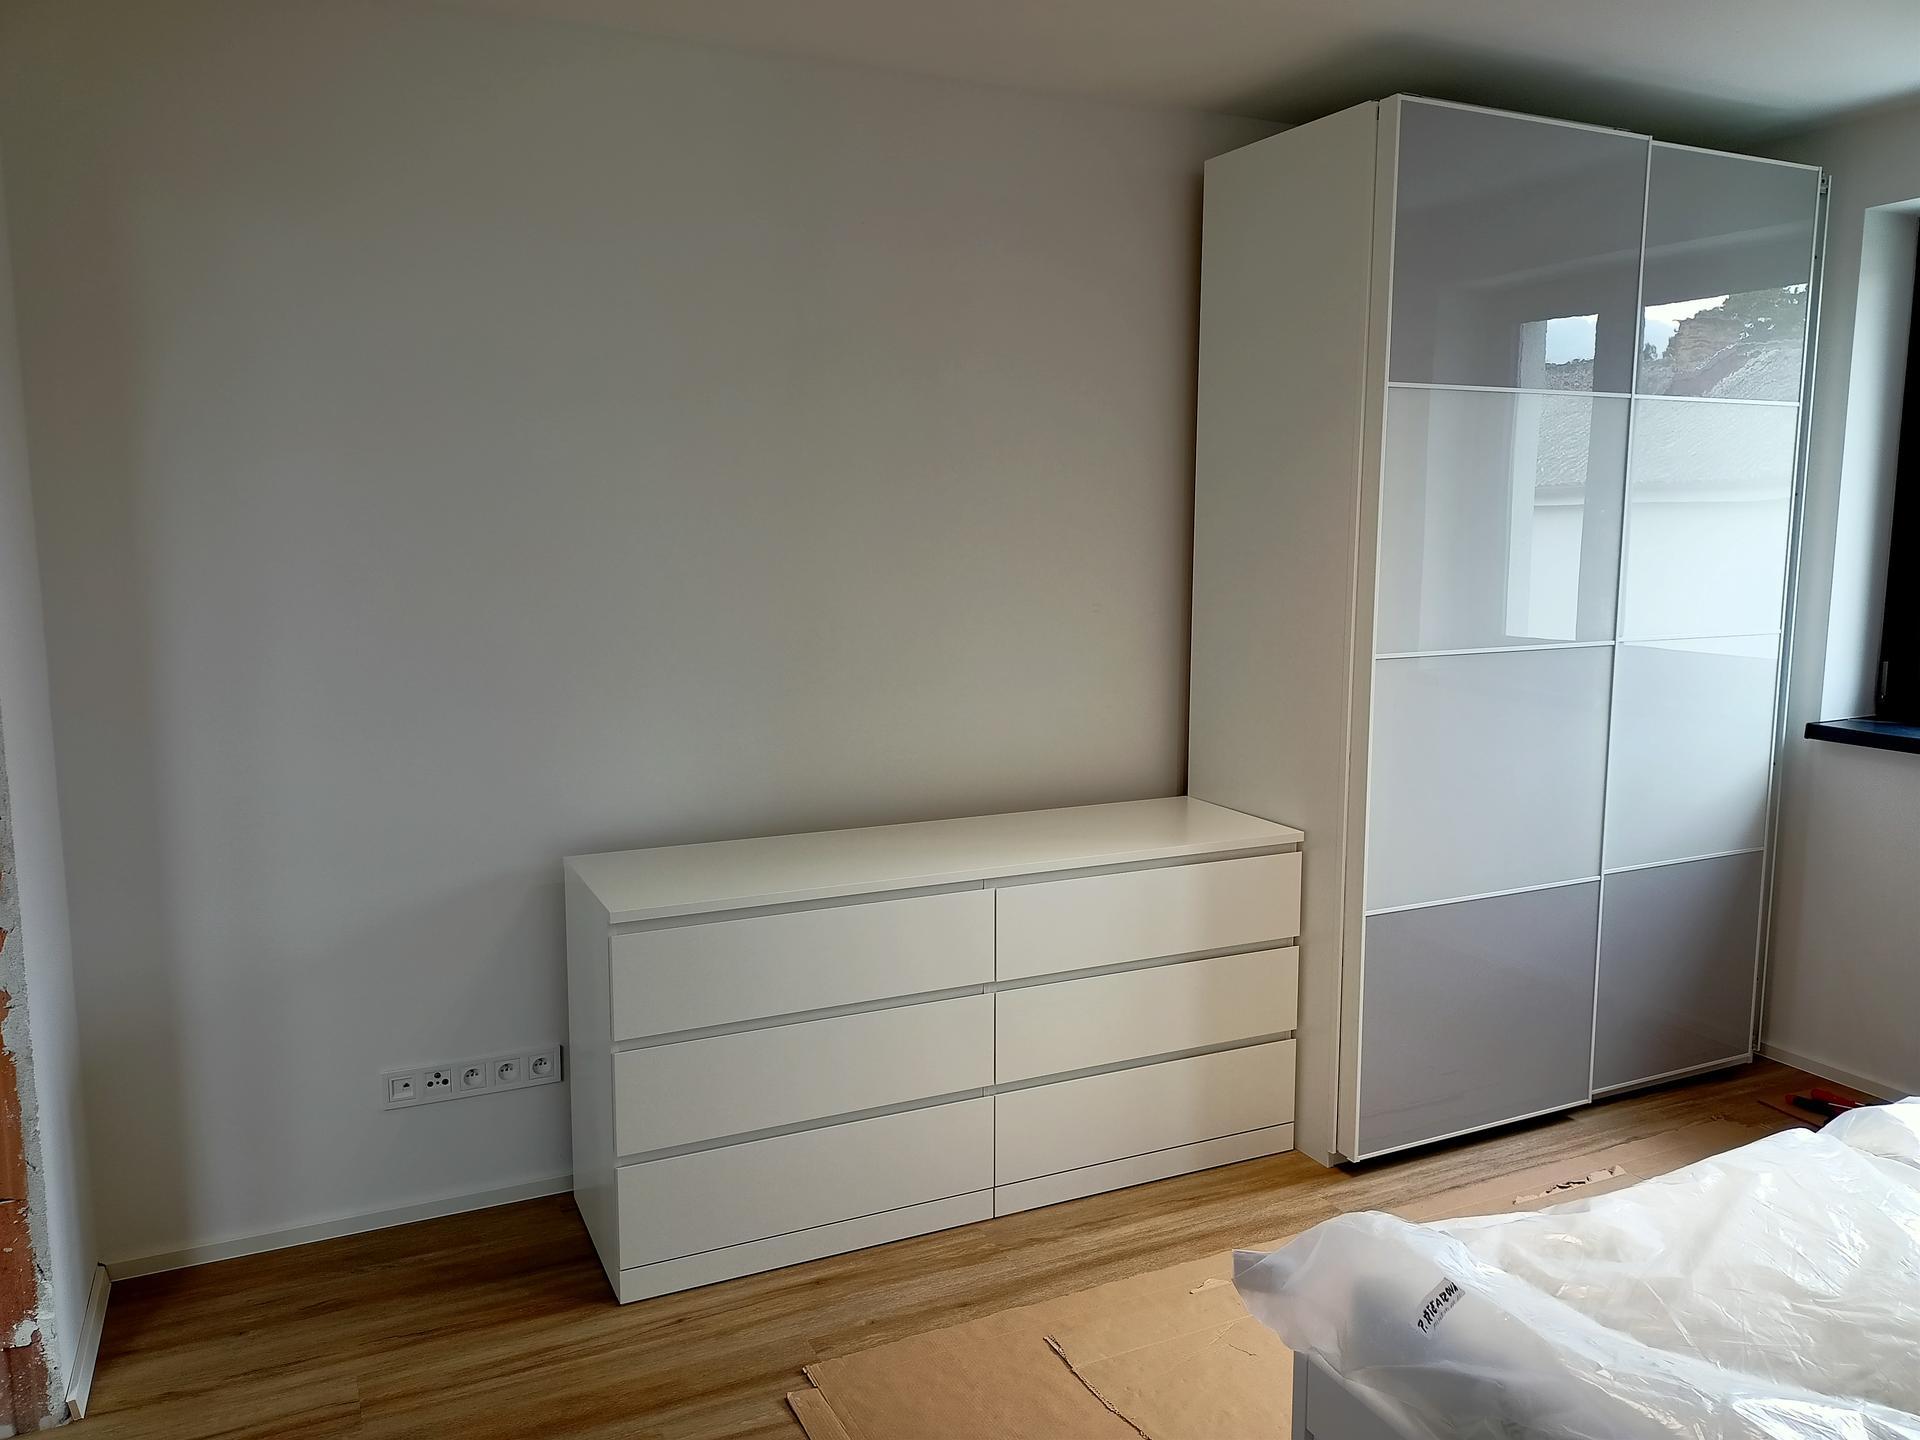 Naše doma - Ložnice. Skříň Pax a komoda malm. Původně měla být ještě jedna ta skříň, ale vypadá lépe jen komoda. Tak to asi zůstane. Komoda bude v ložnici ještě jedna stejná